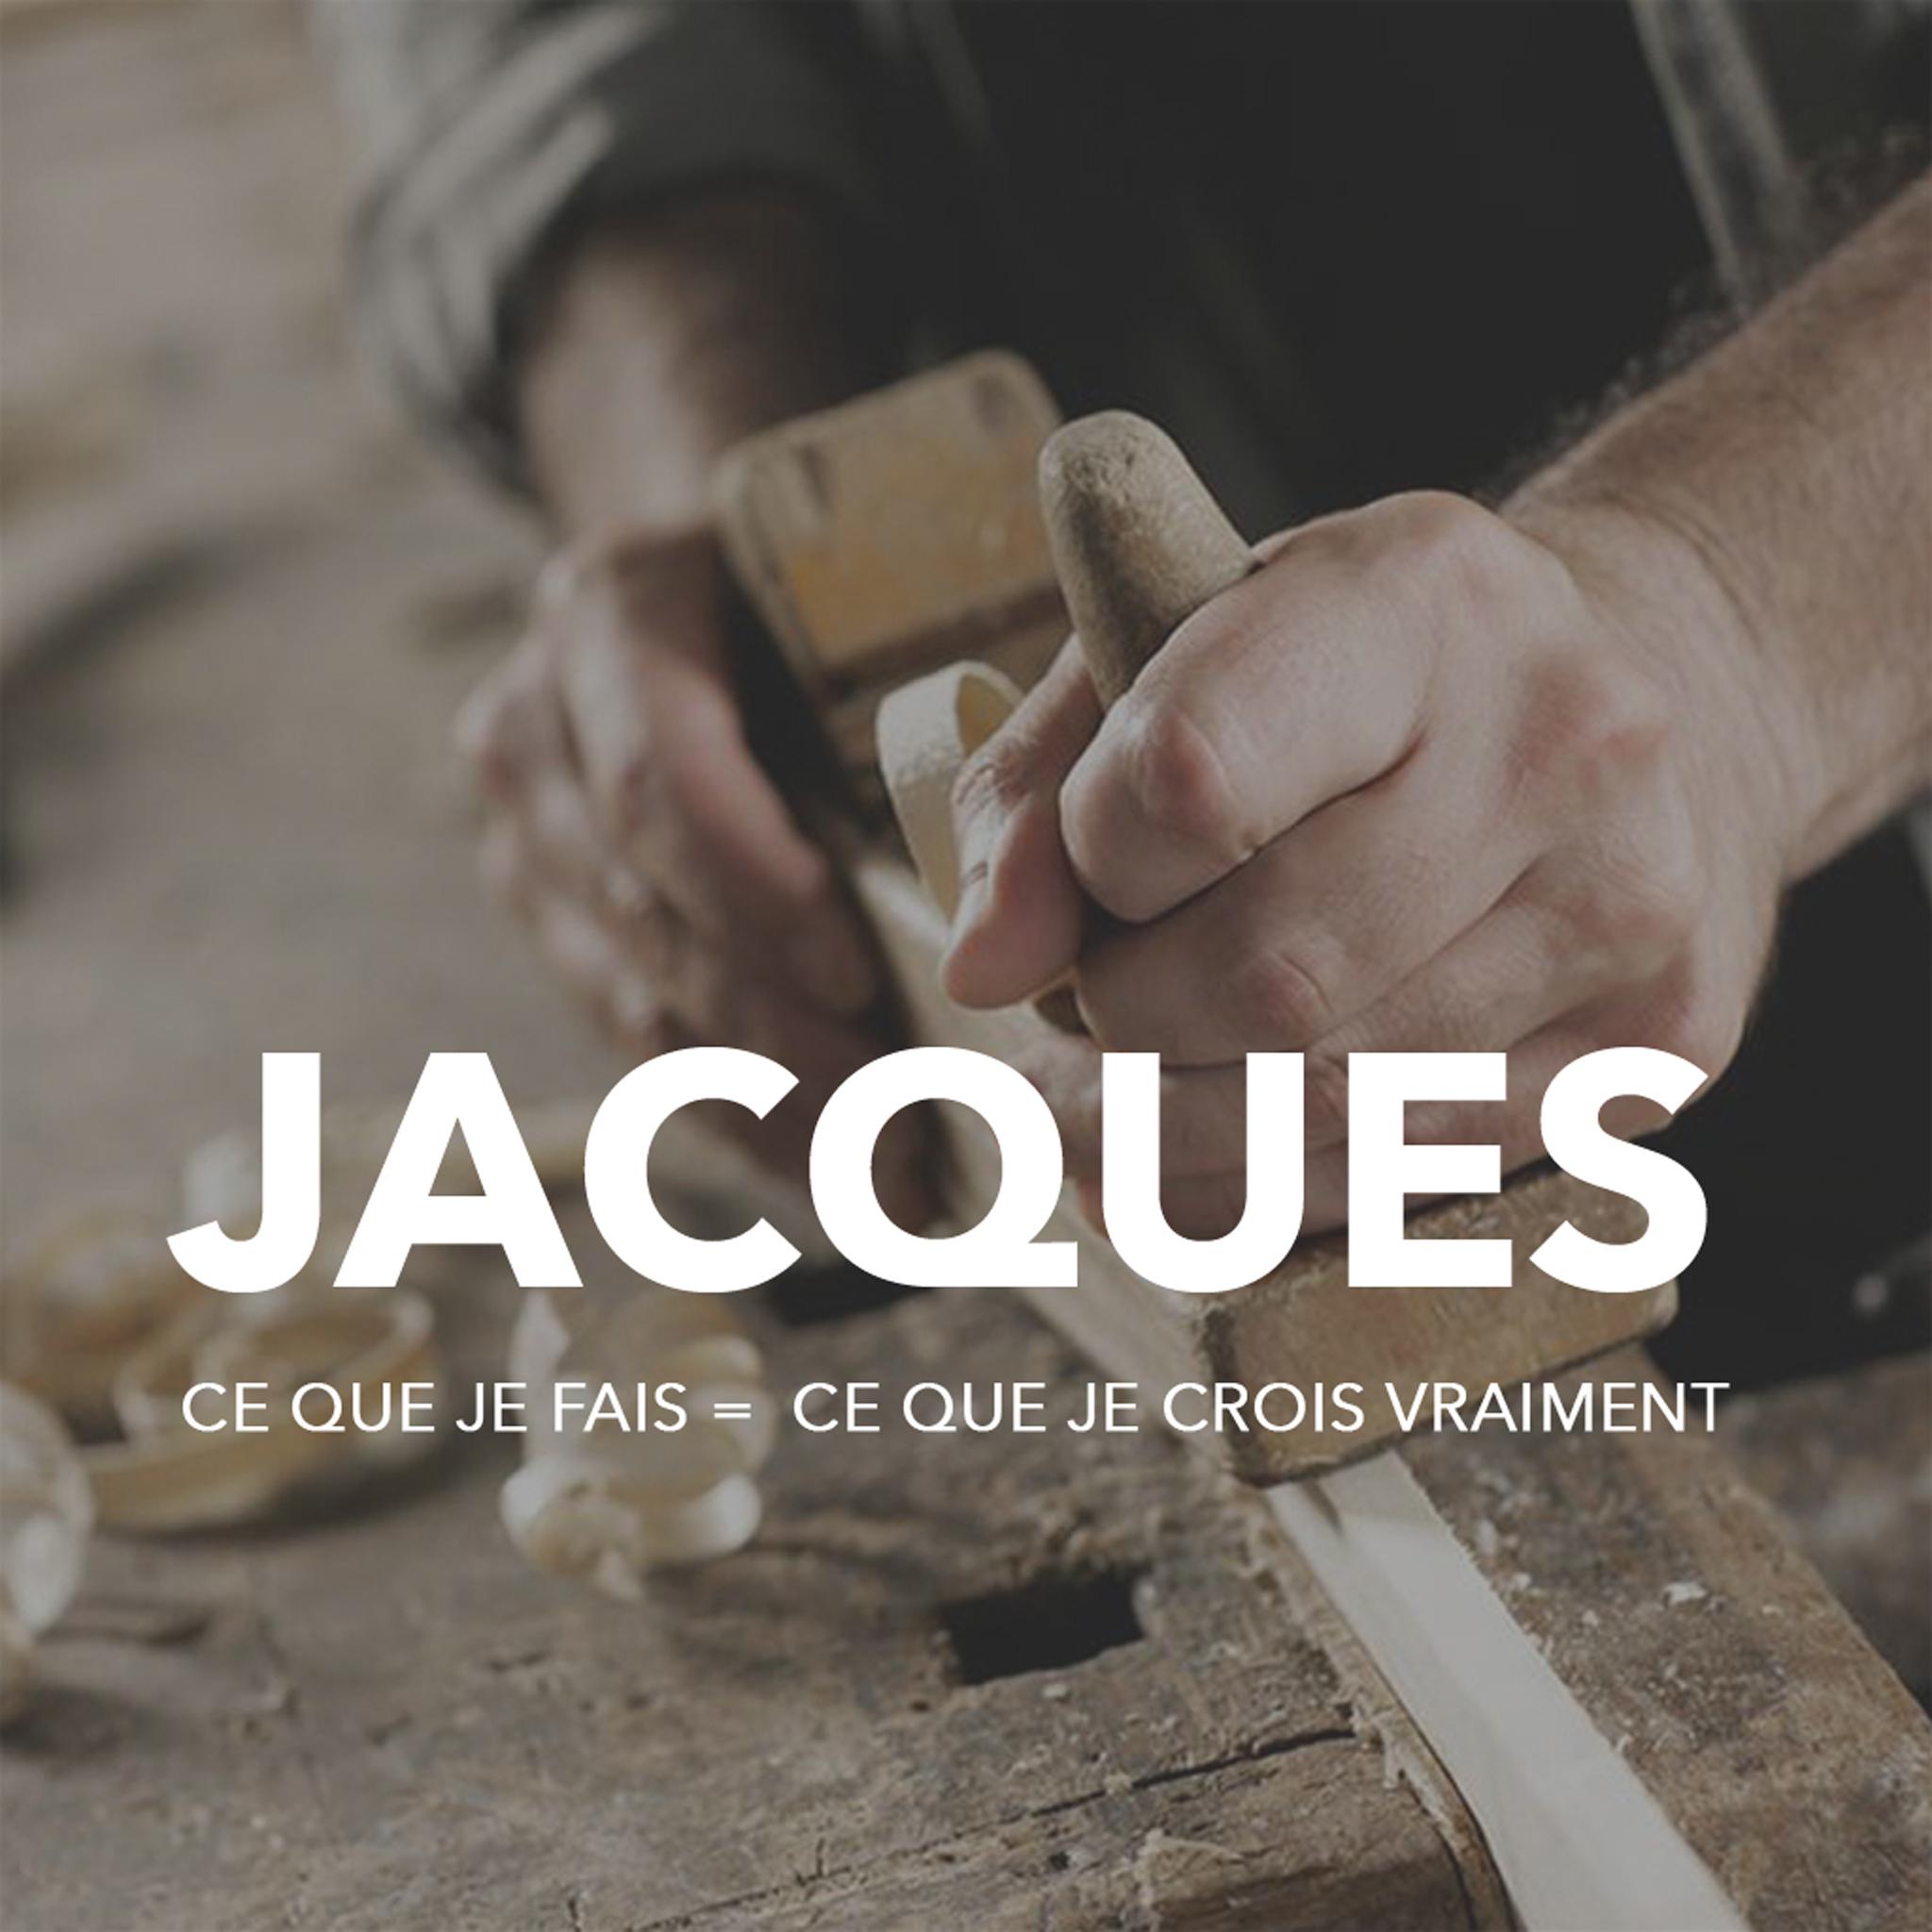 Jacques 4:11-12